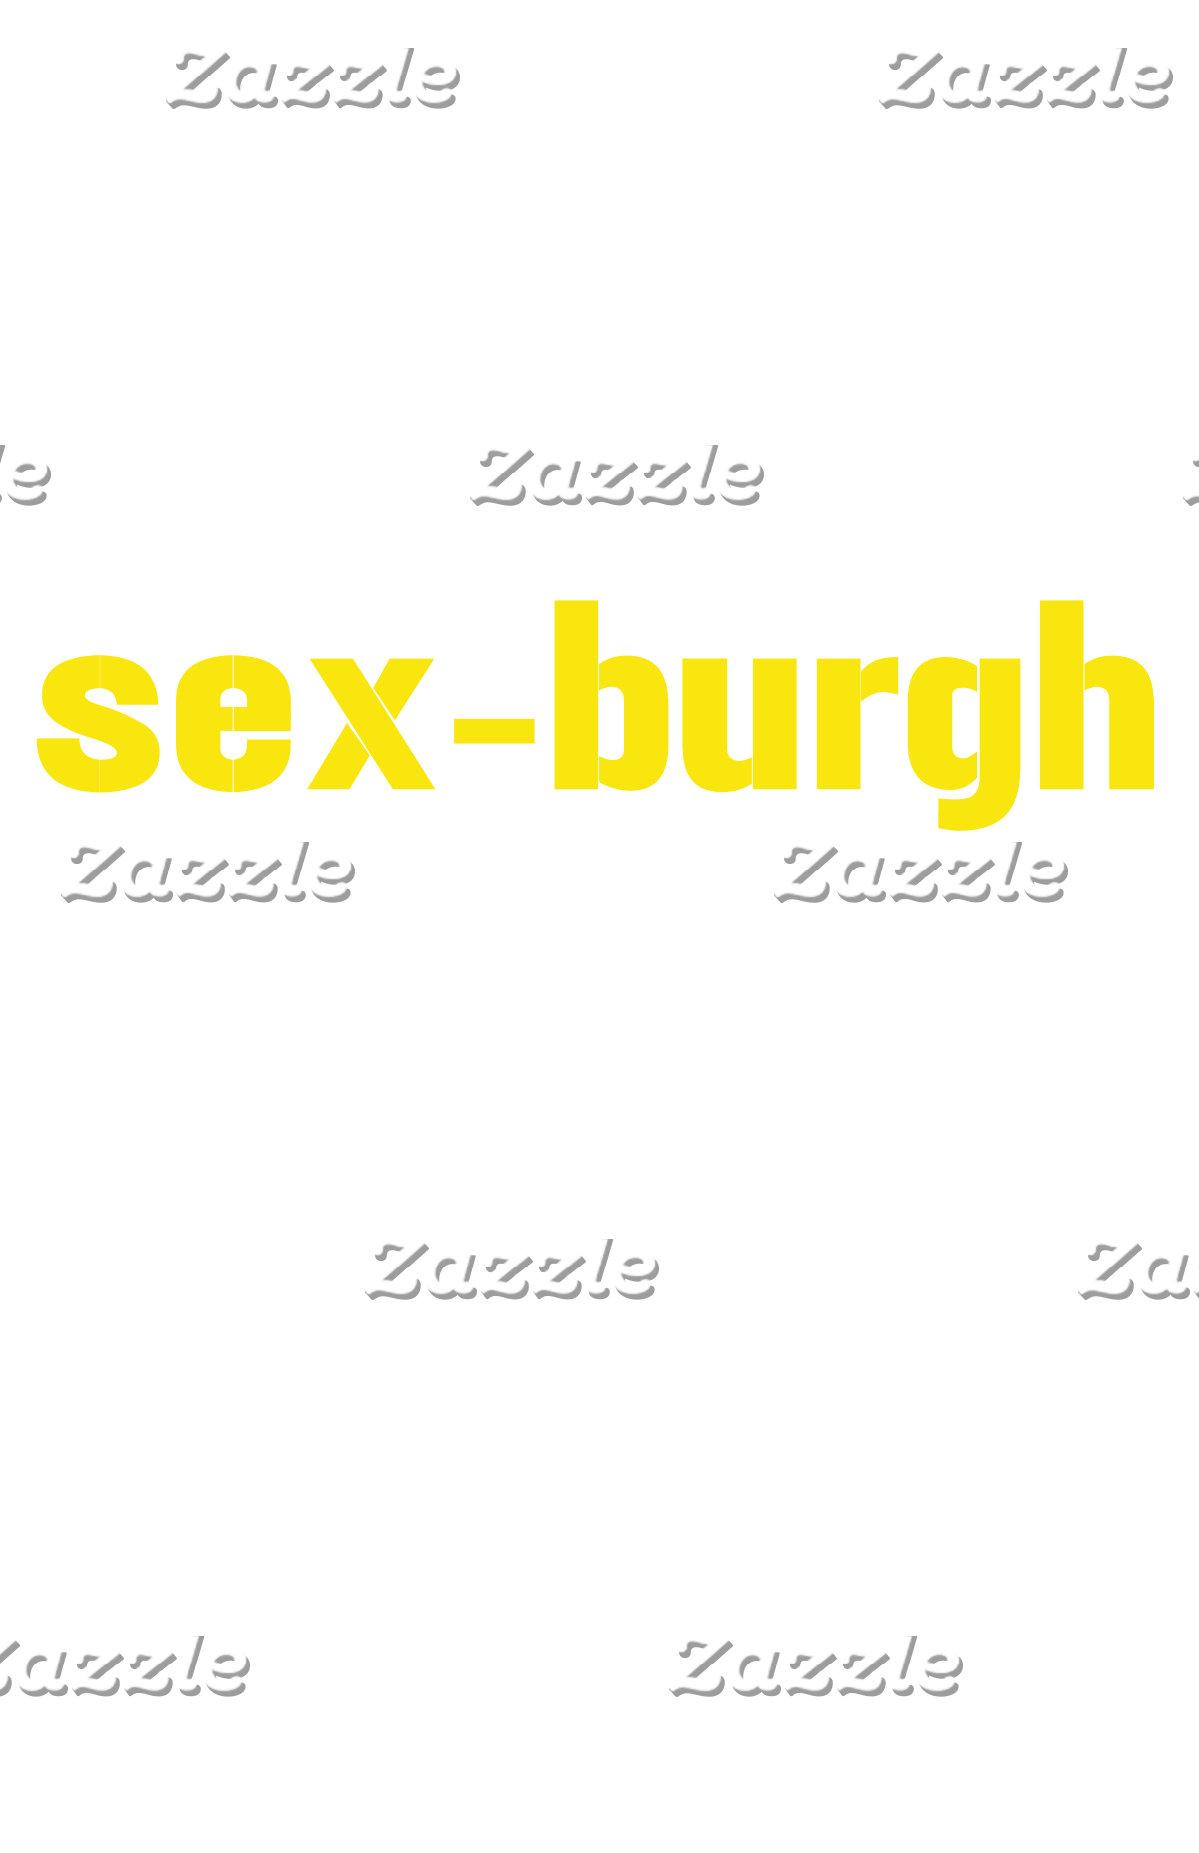 SEX-burgh